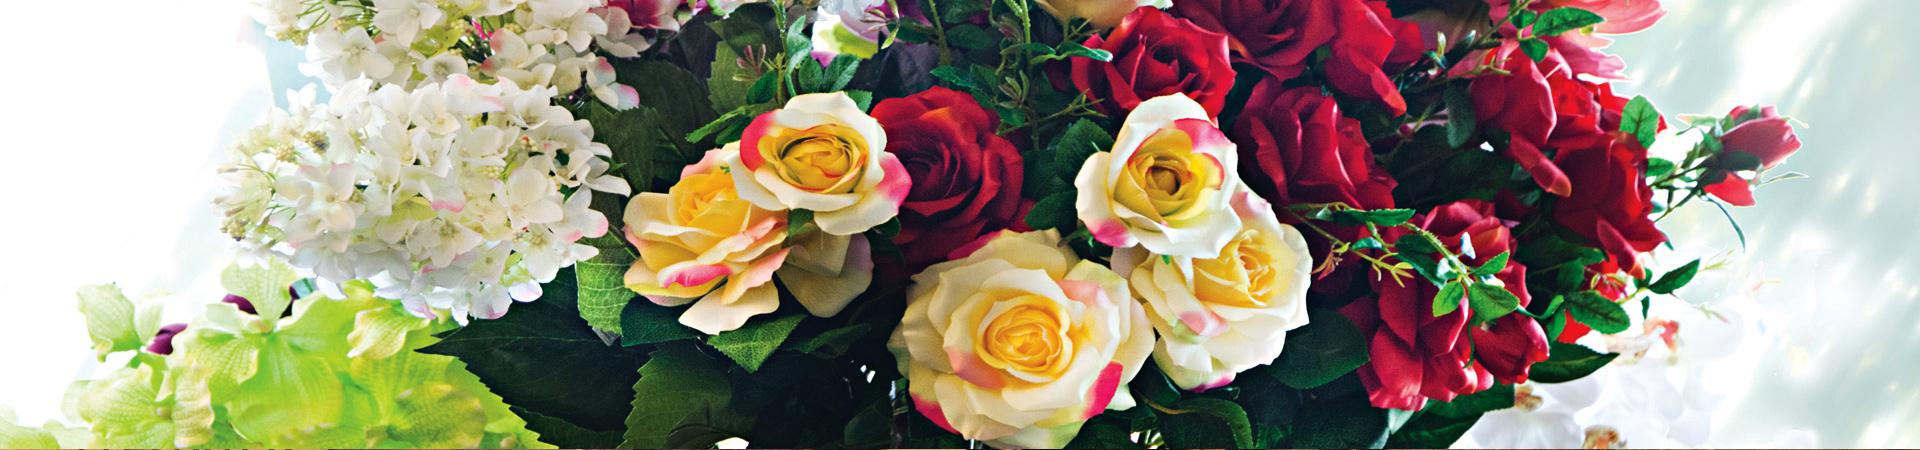 Mākslīgie ziedi